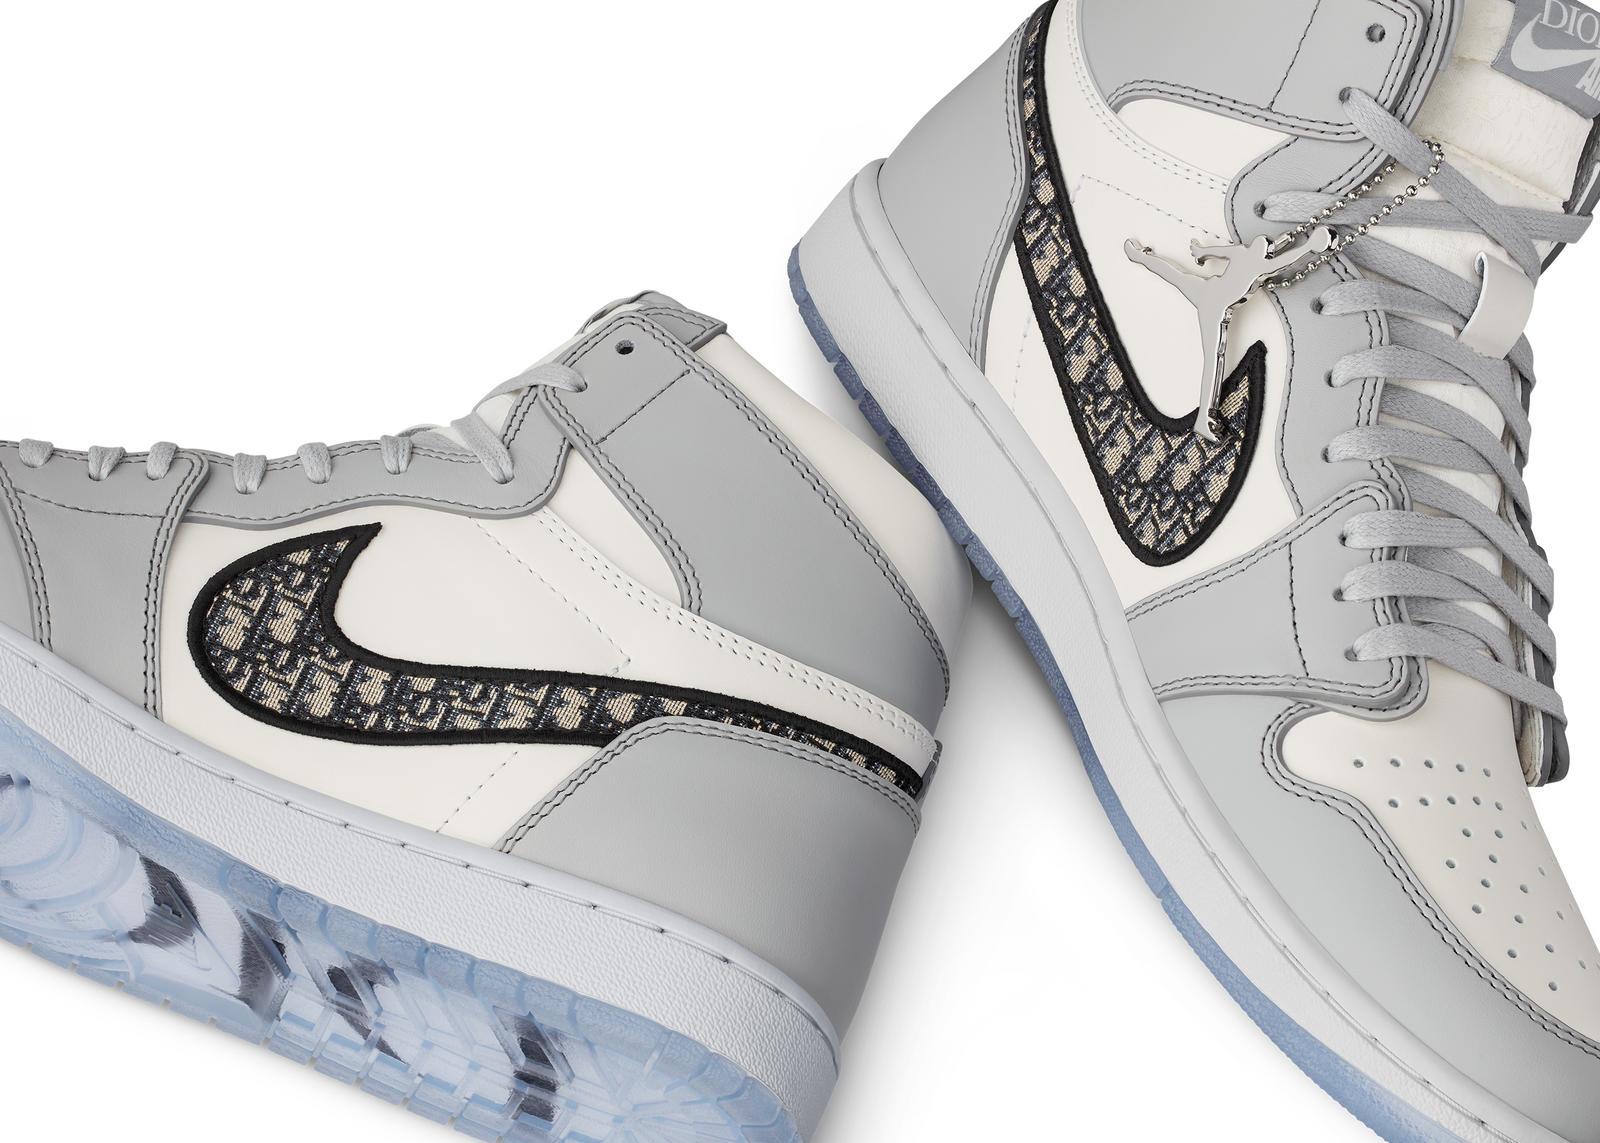 Air Jordan I High OG Dior.